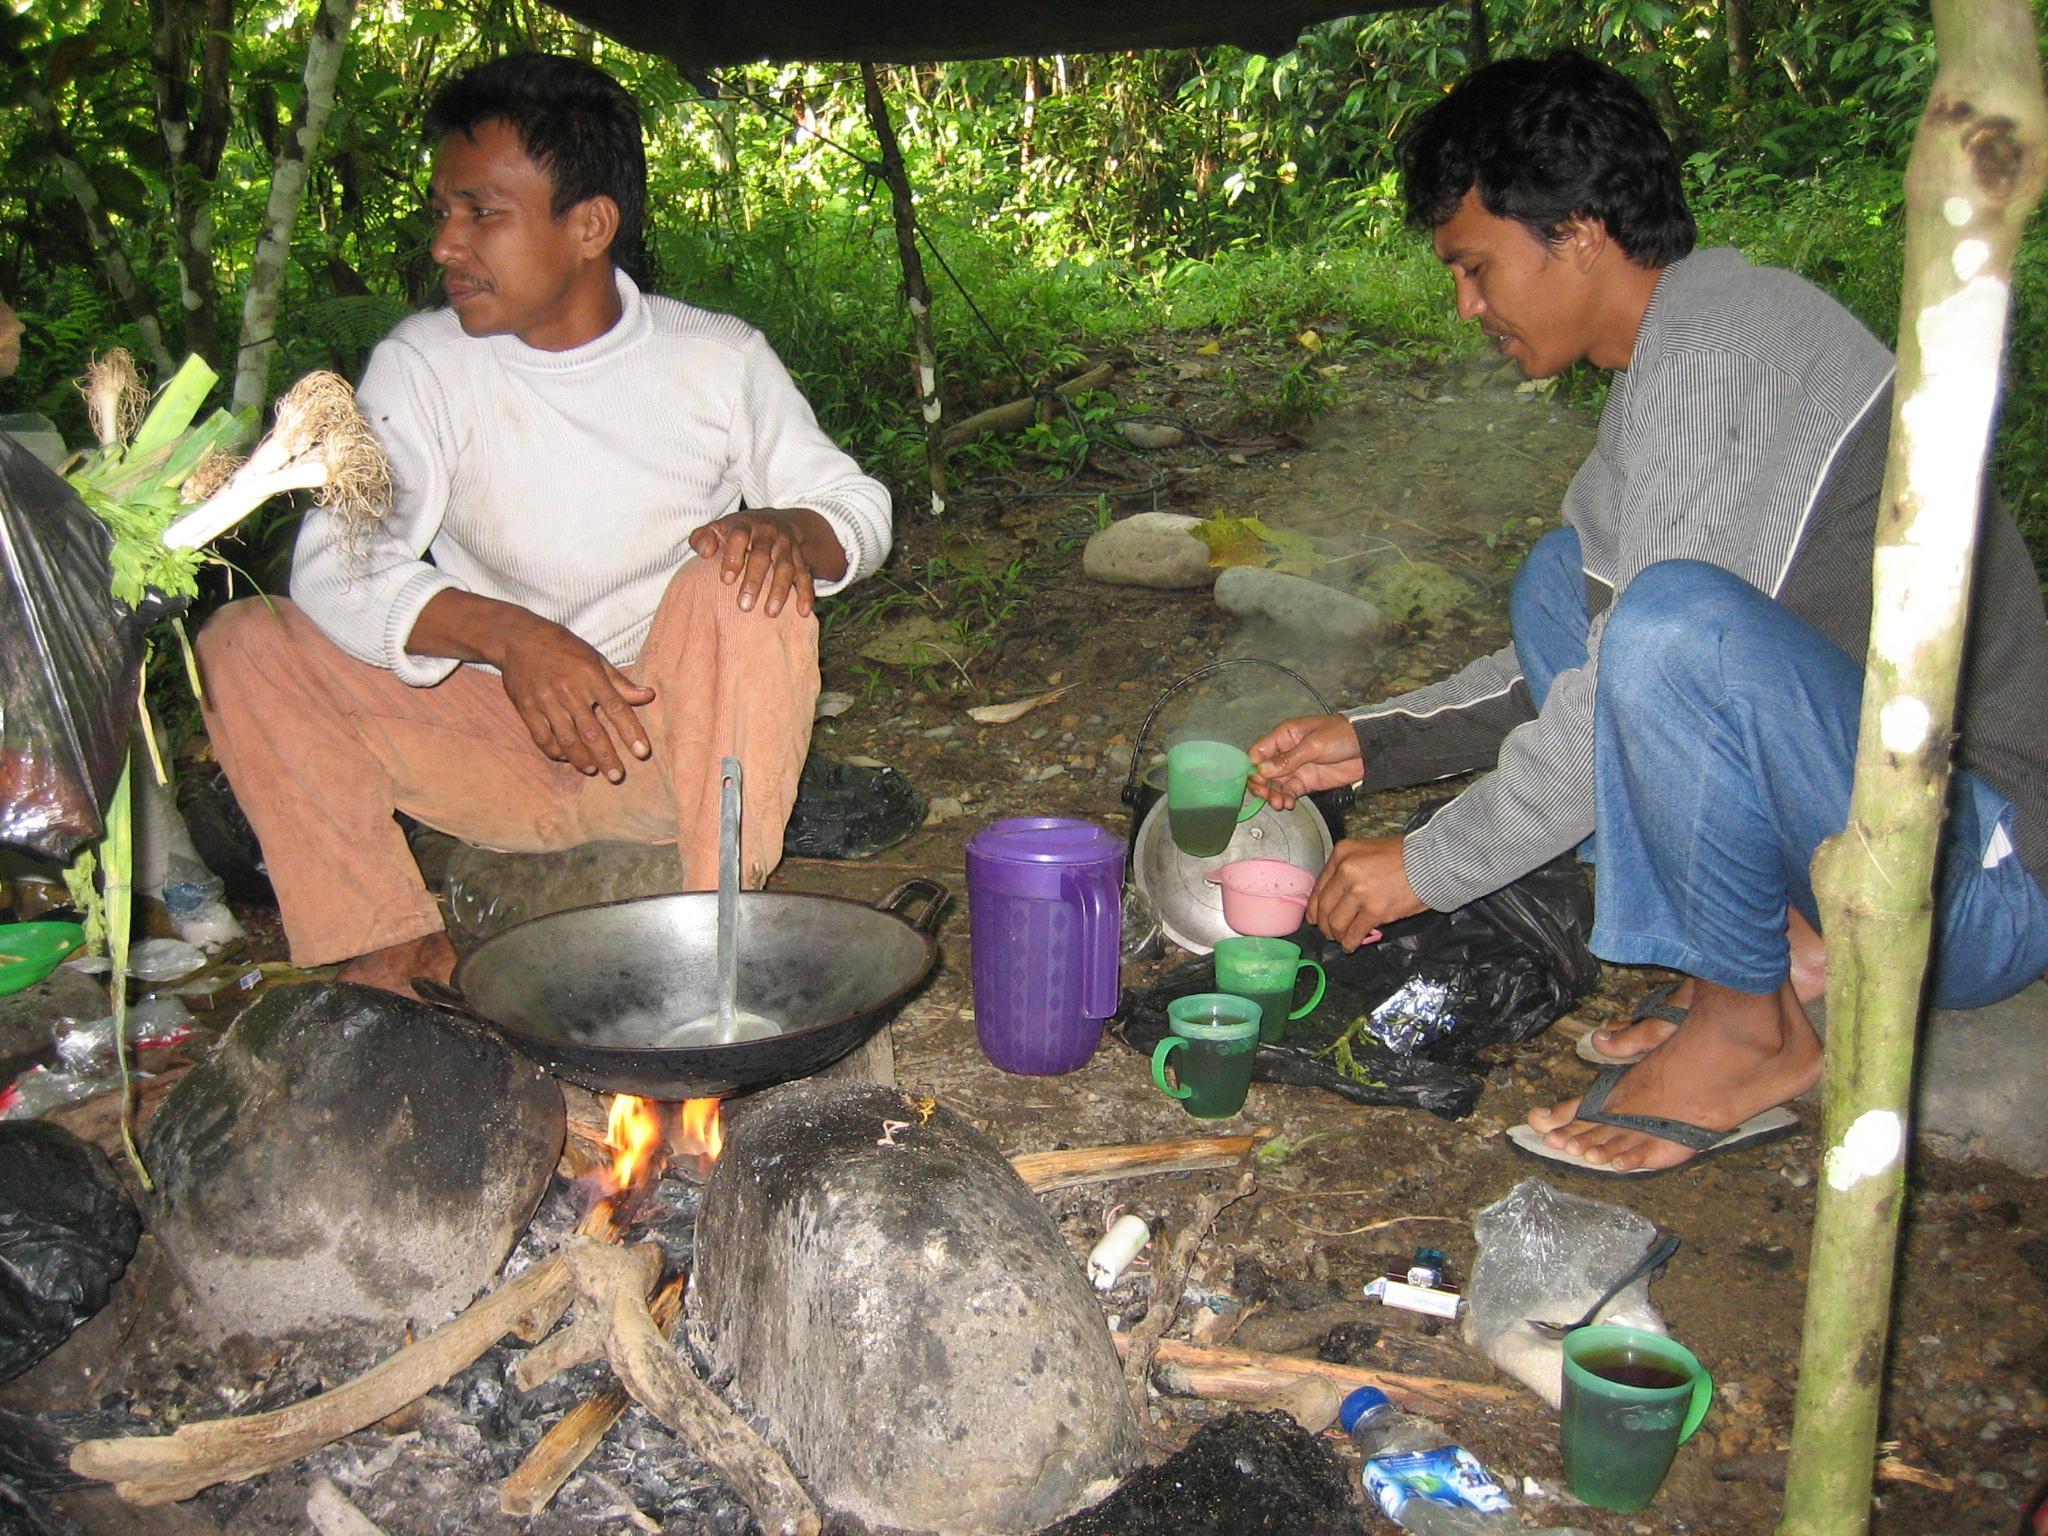 Bukiu Lawang Indonesien (c) Anja Knorr